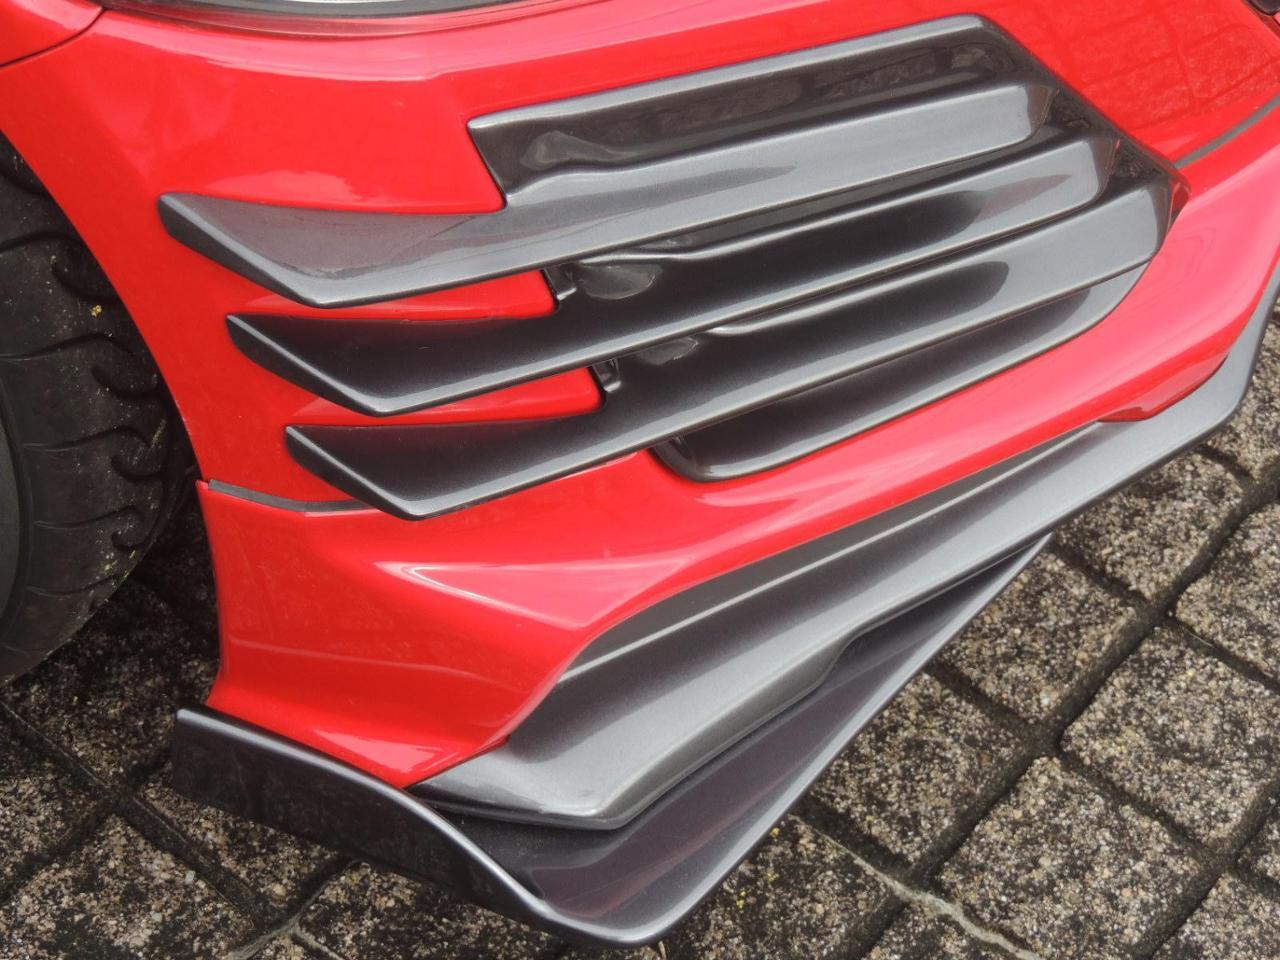 自作 S660無限フロントアンダー装着車用フロントガーニッシュSタイプ